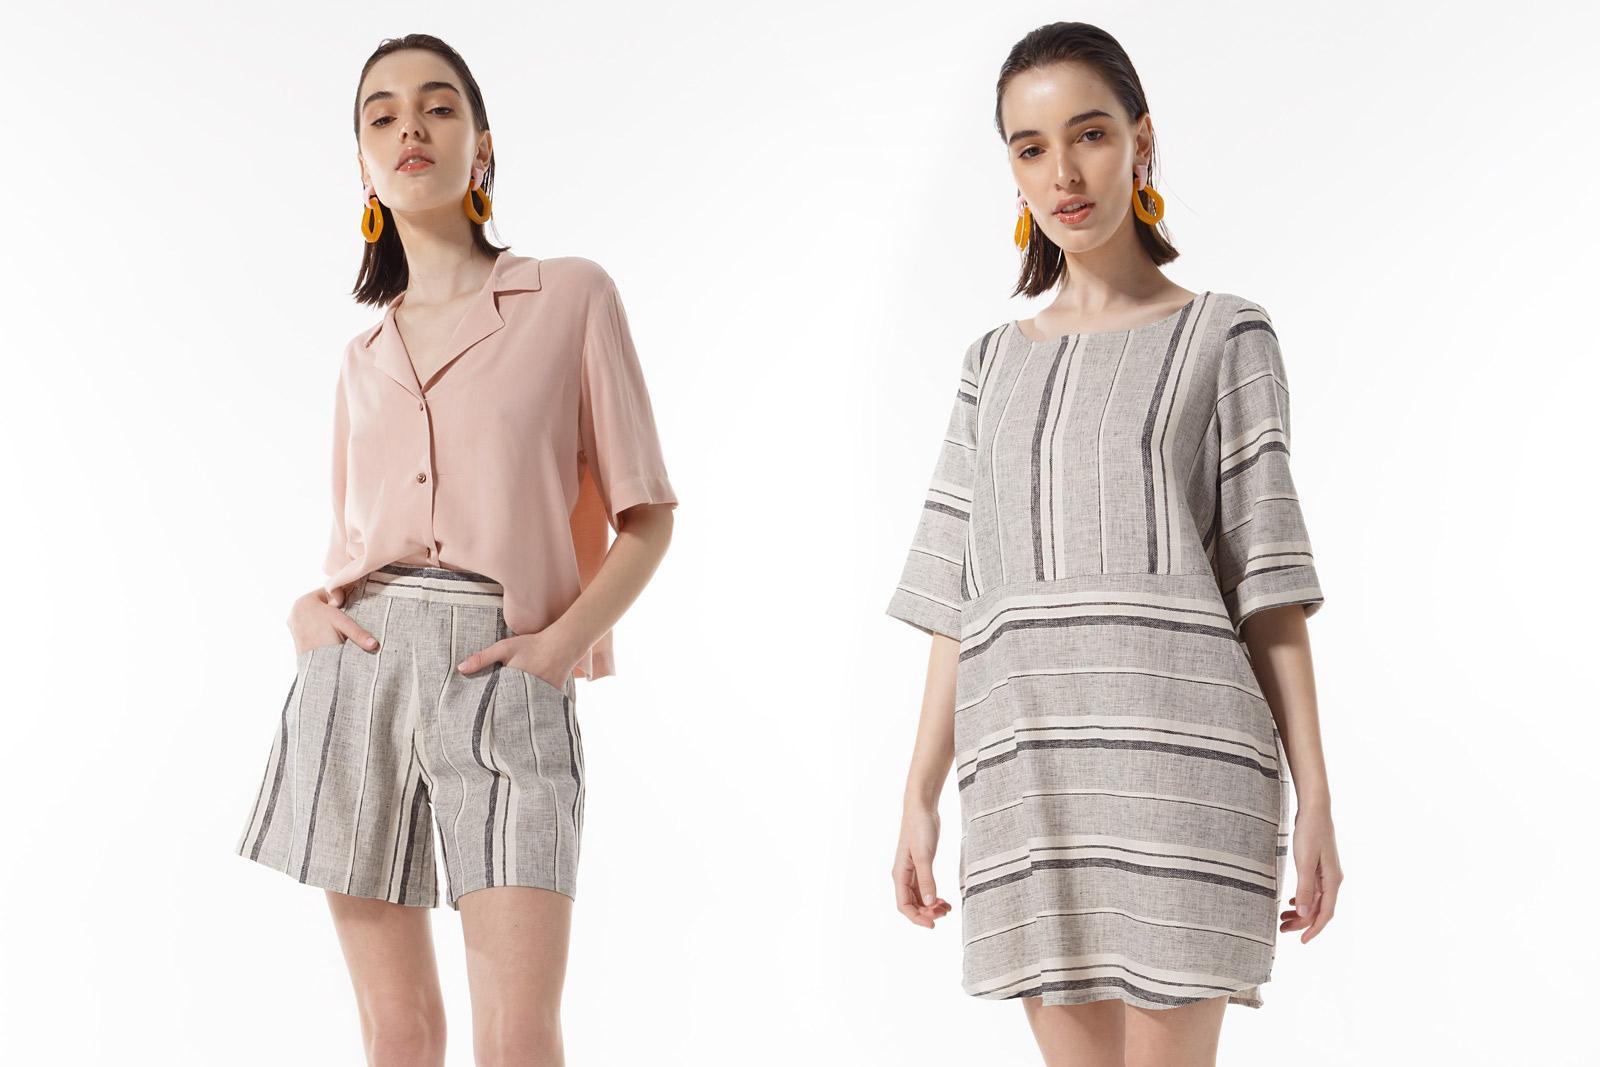 Camisas y bermudas verano 2020 mujer. Moda 2020 casual urbana.